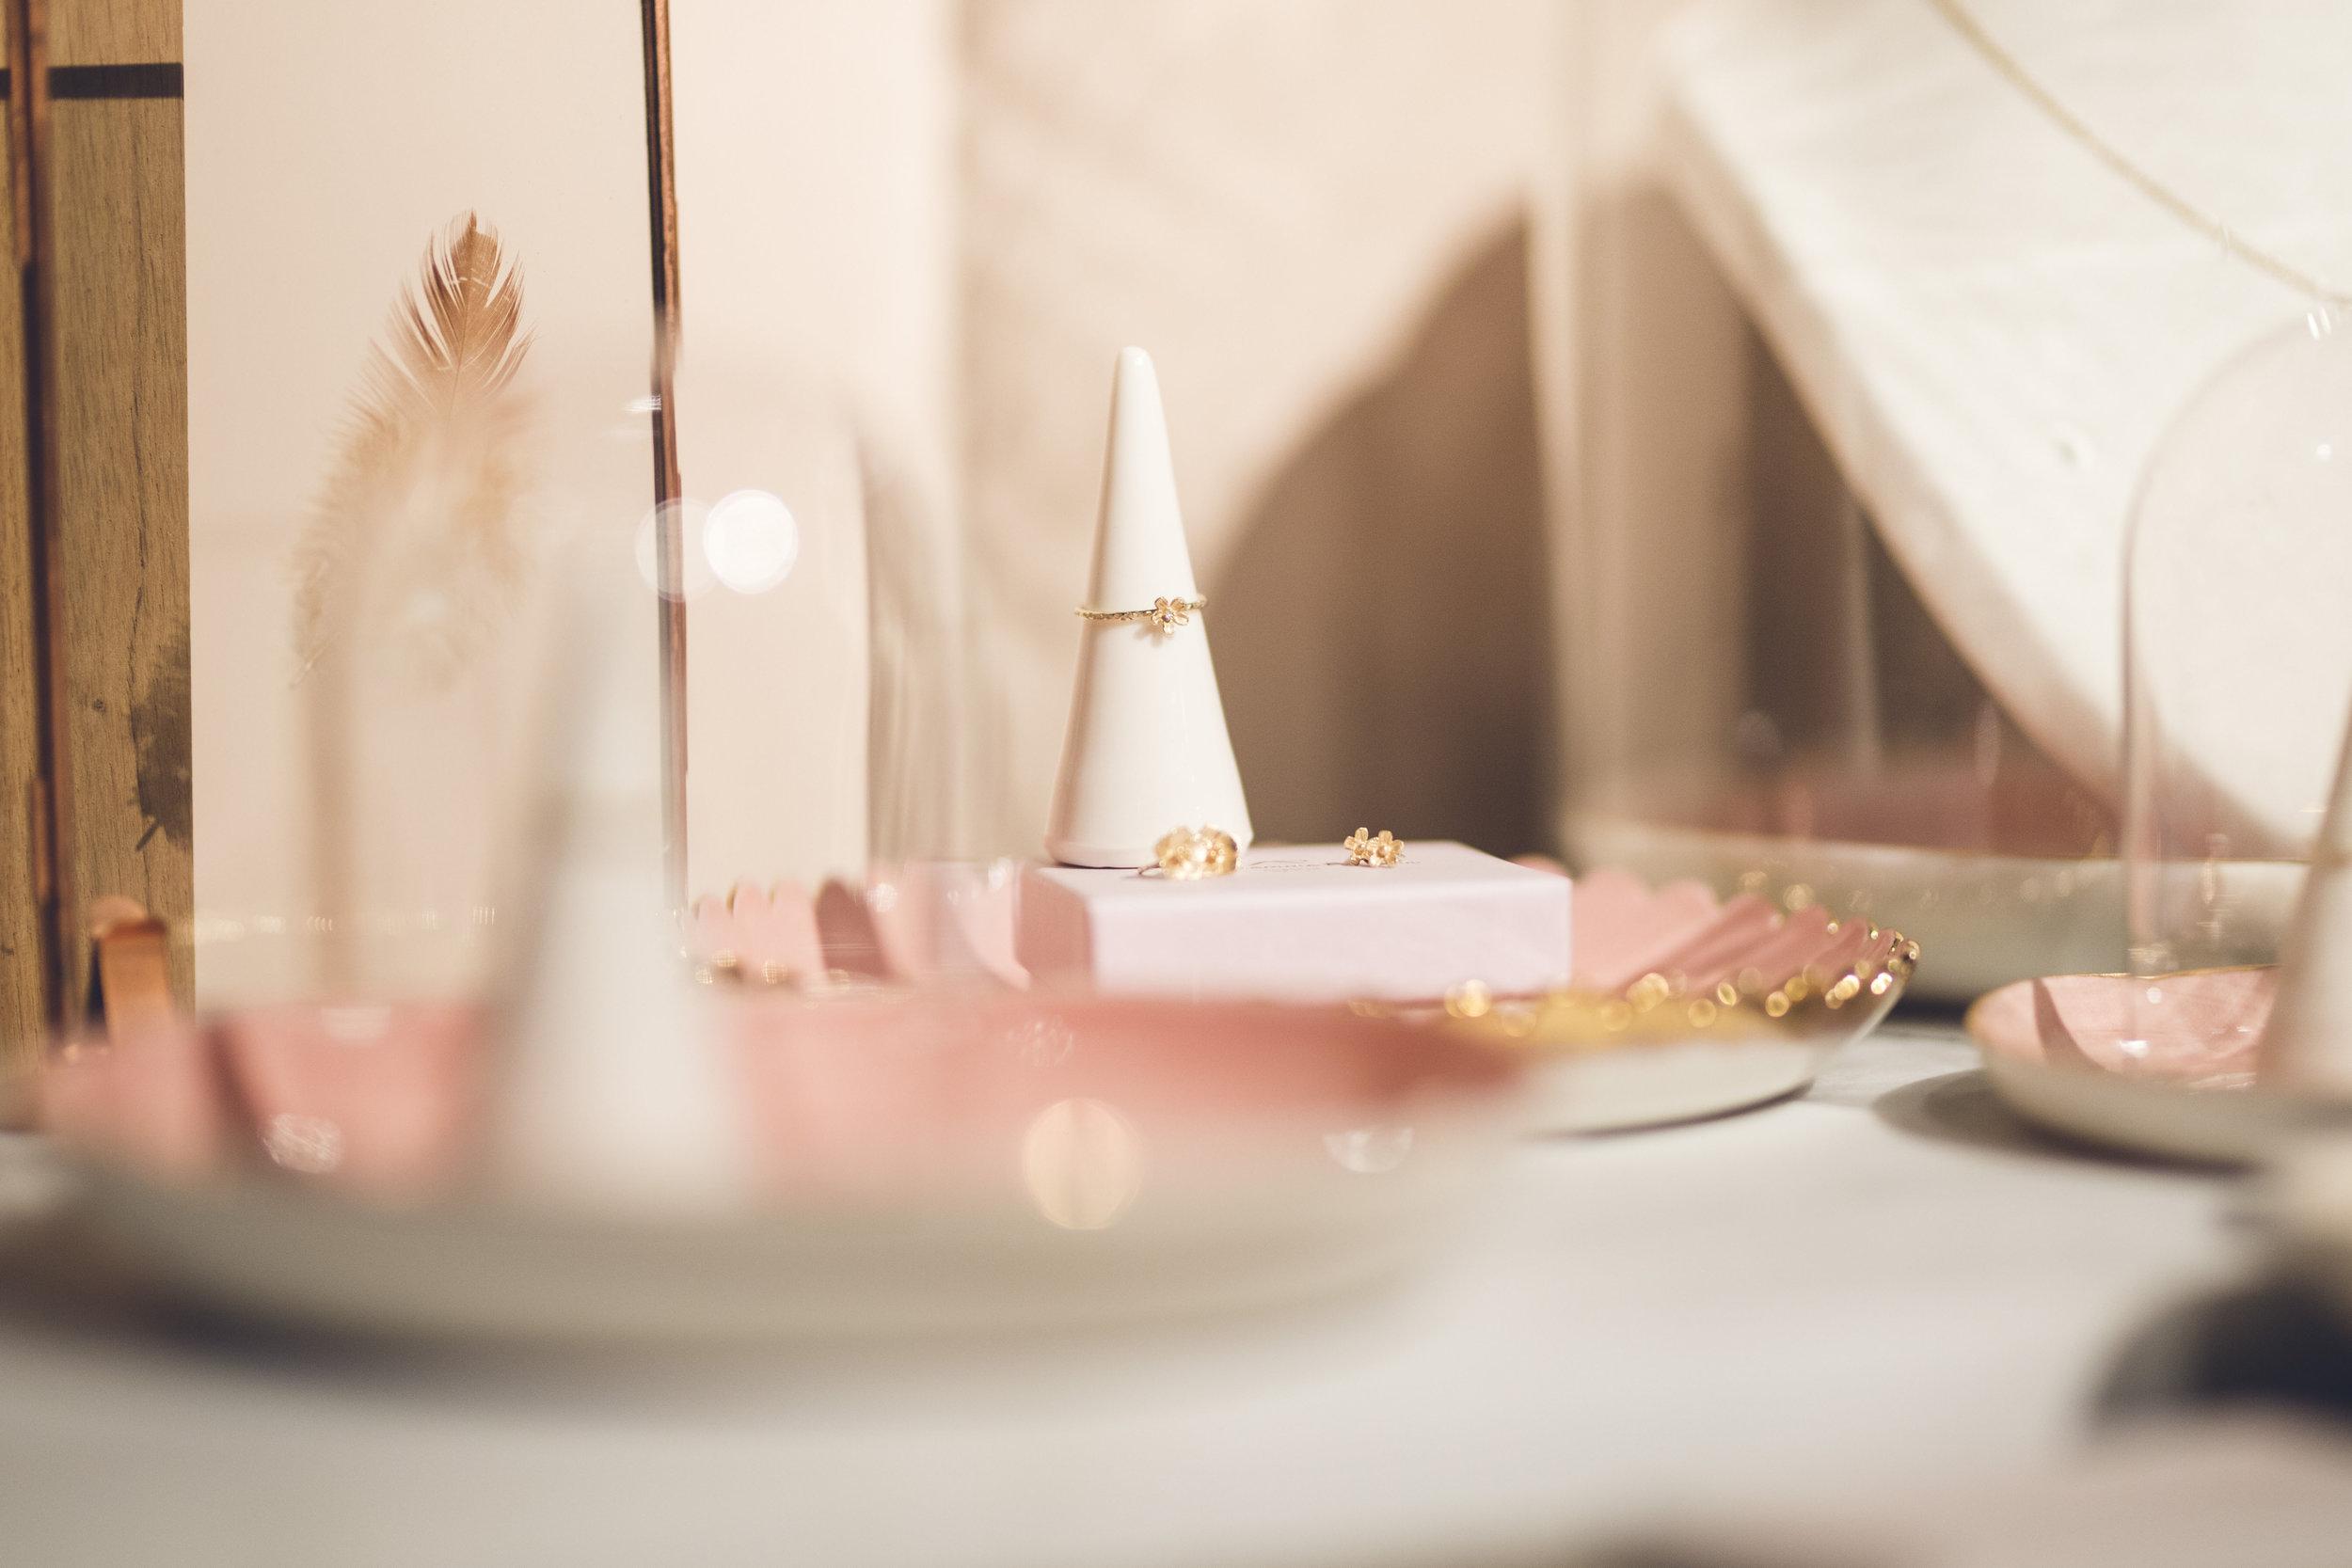 Goudsmid met passie - Gouden juwelen gecreëerd in eigen atelier. Simple comme Bonjour … als in ongecompliceerd, zuiver, duurzaam, natuurlijk, en met een vanzelfsprekende passie voor het ambacht.MEER LEZEN ?